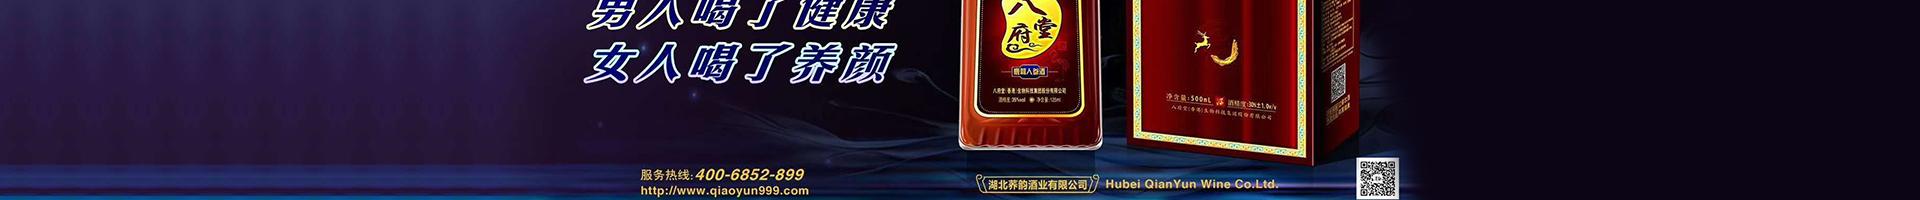 八府堂(香港)生物科技集团股份有限公司